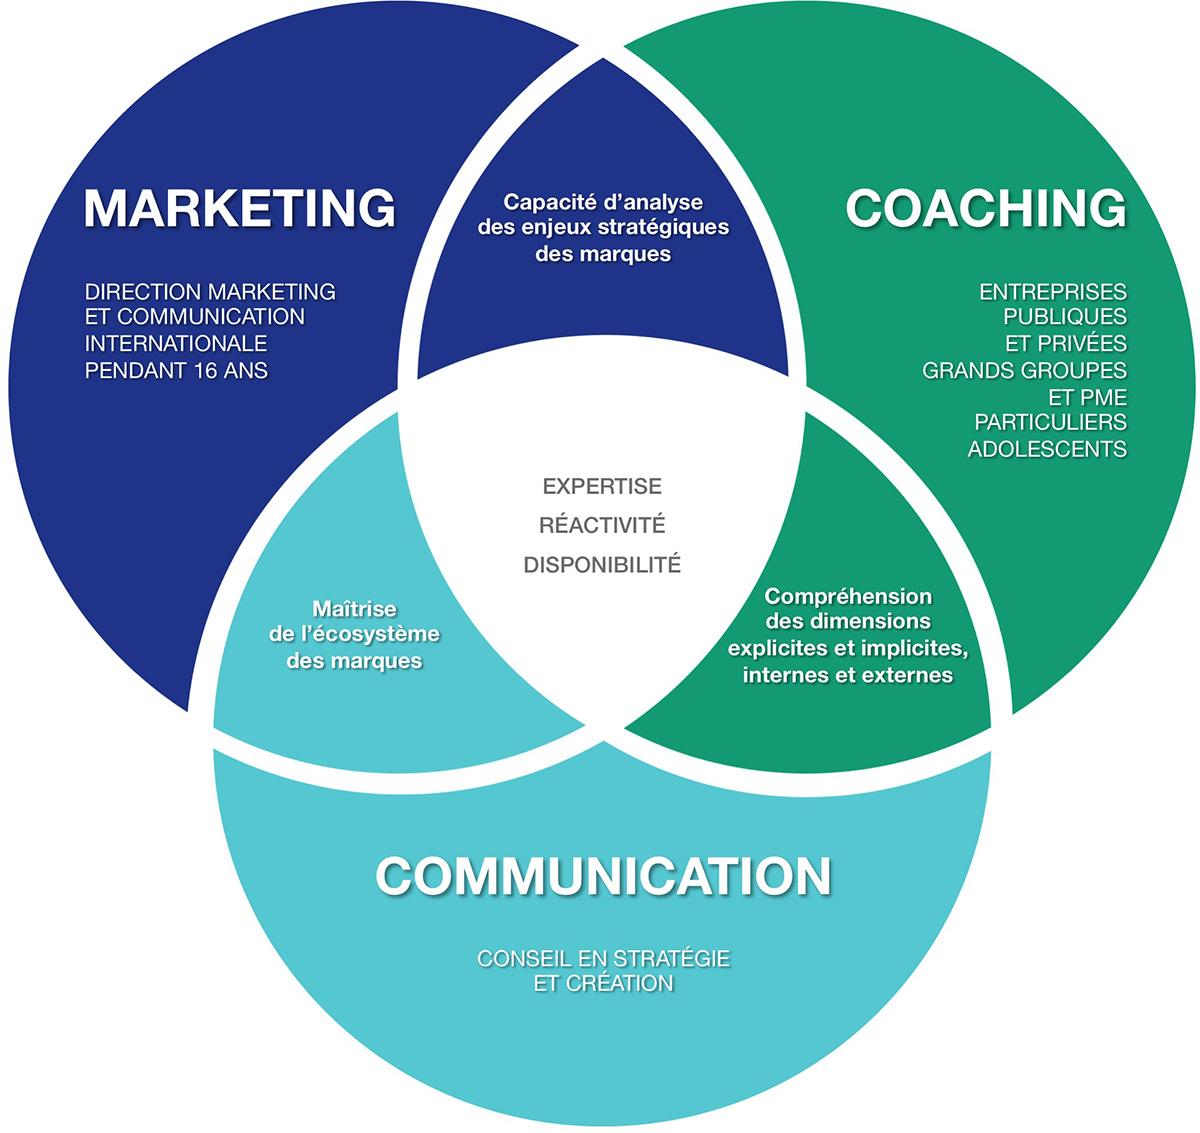 Marketing : capacité d'analyse des enjeux stratégiques des marques. Communication : maîtrise de l'écosystème des marques. Coaching : compréhension des dimensions explicite et implicites, internes et externes.